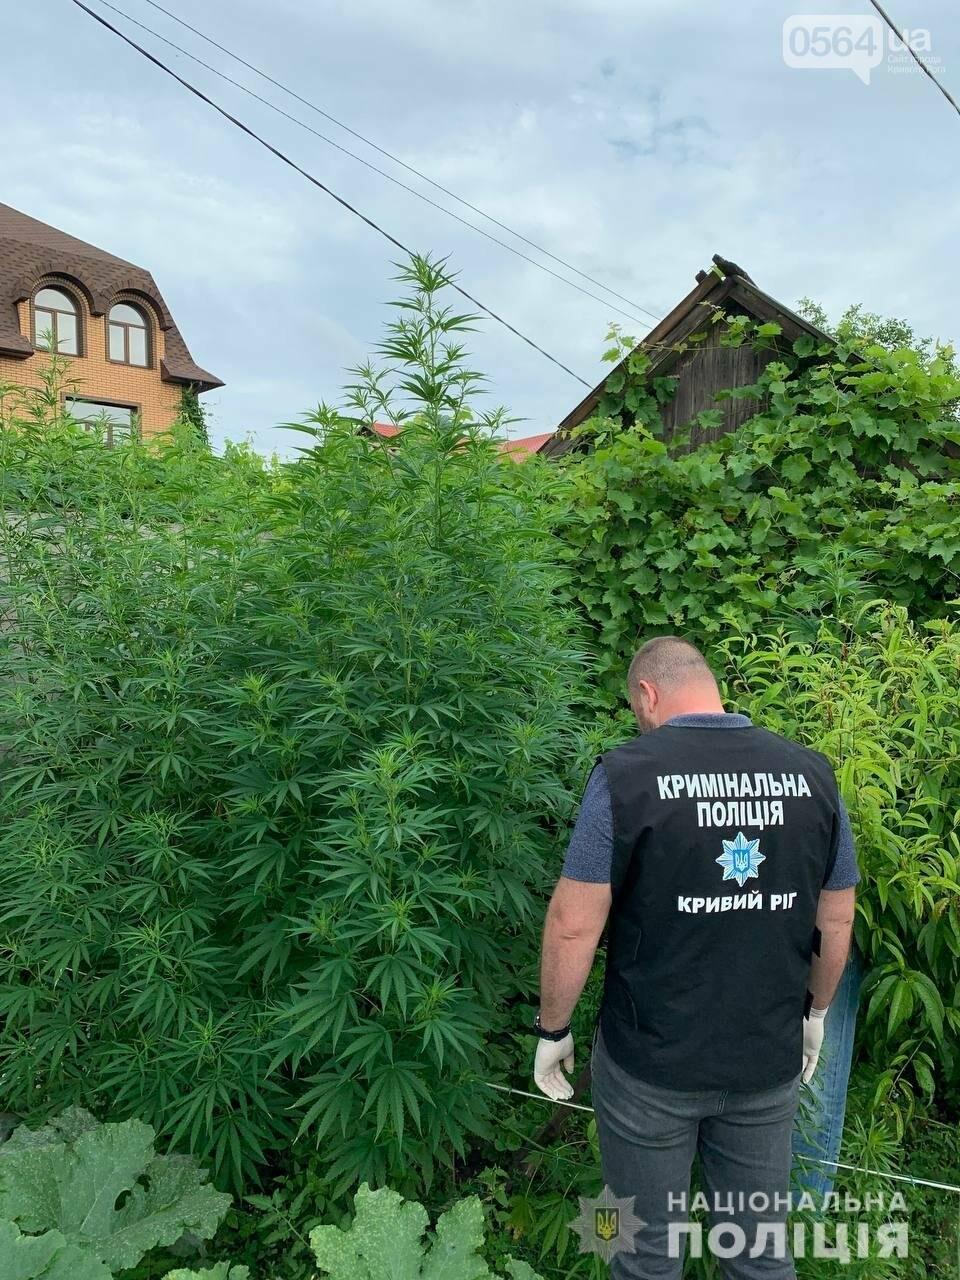 В Кривом Роге полицейские нашли где растёт 2-х метровая конопля, - ФОТО,ВИДЕО, фото-1